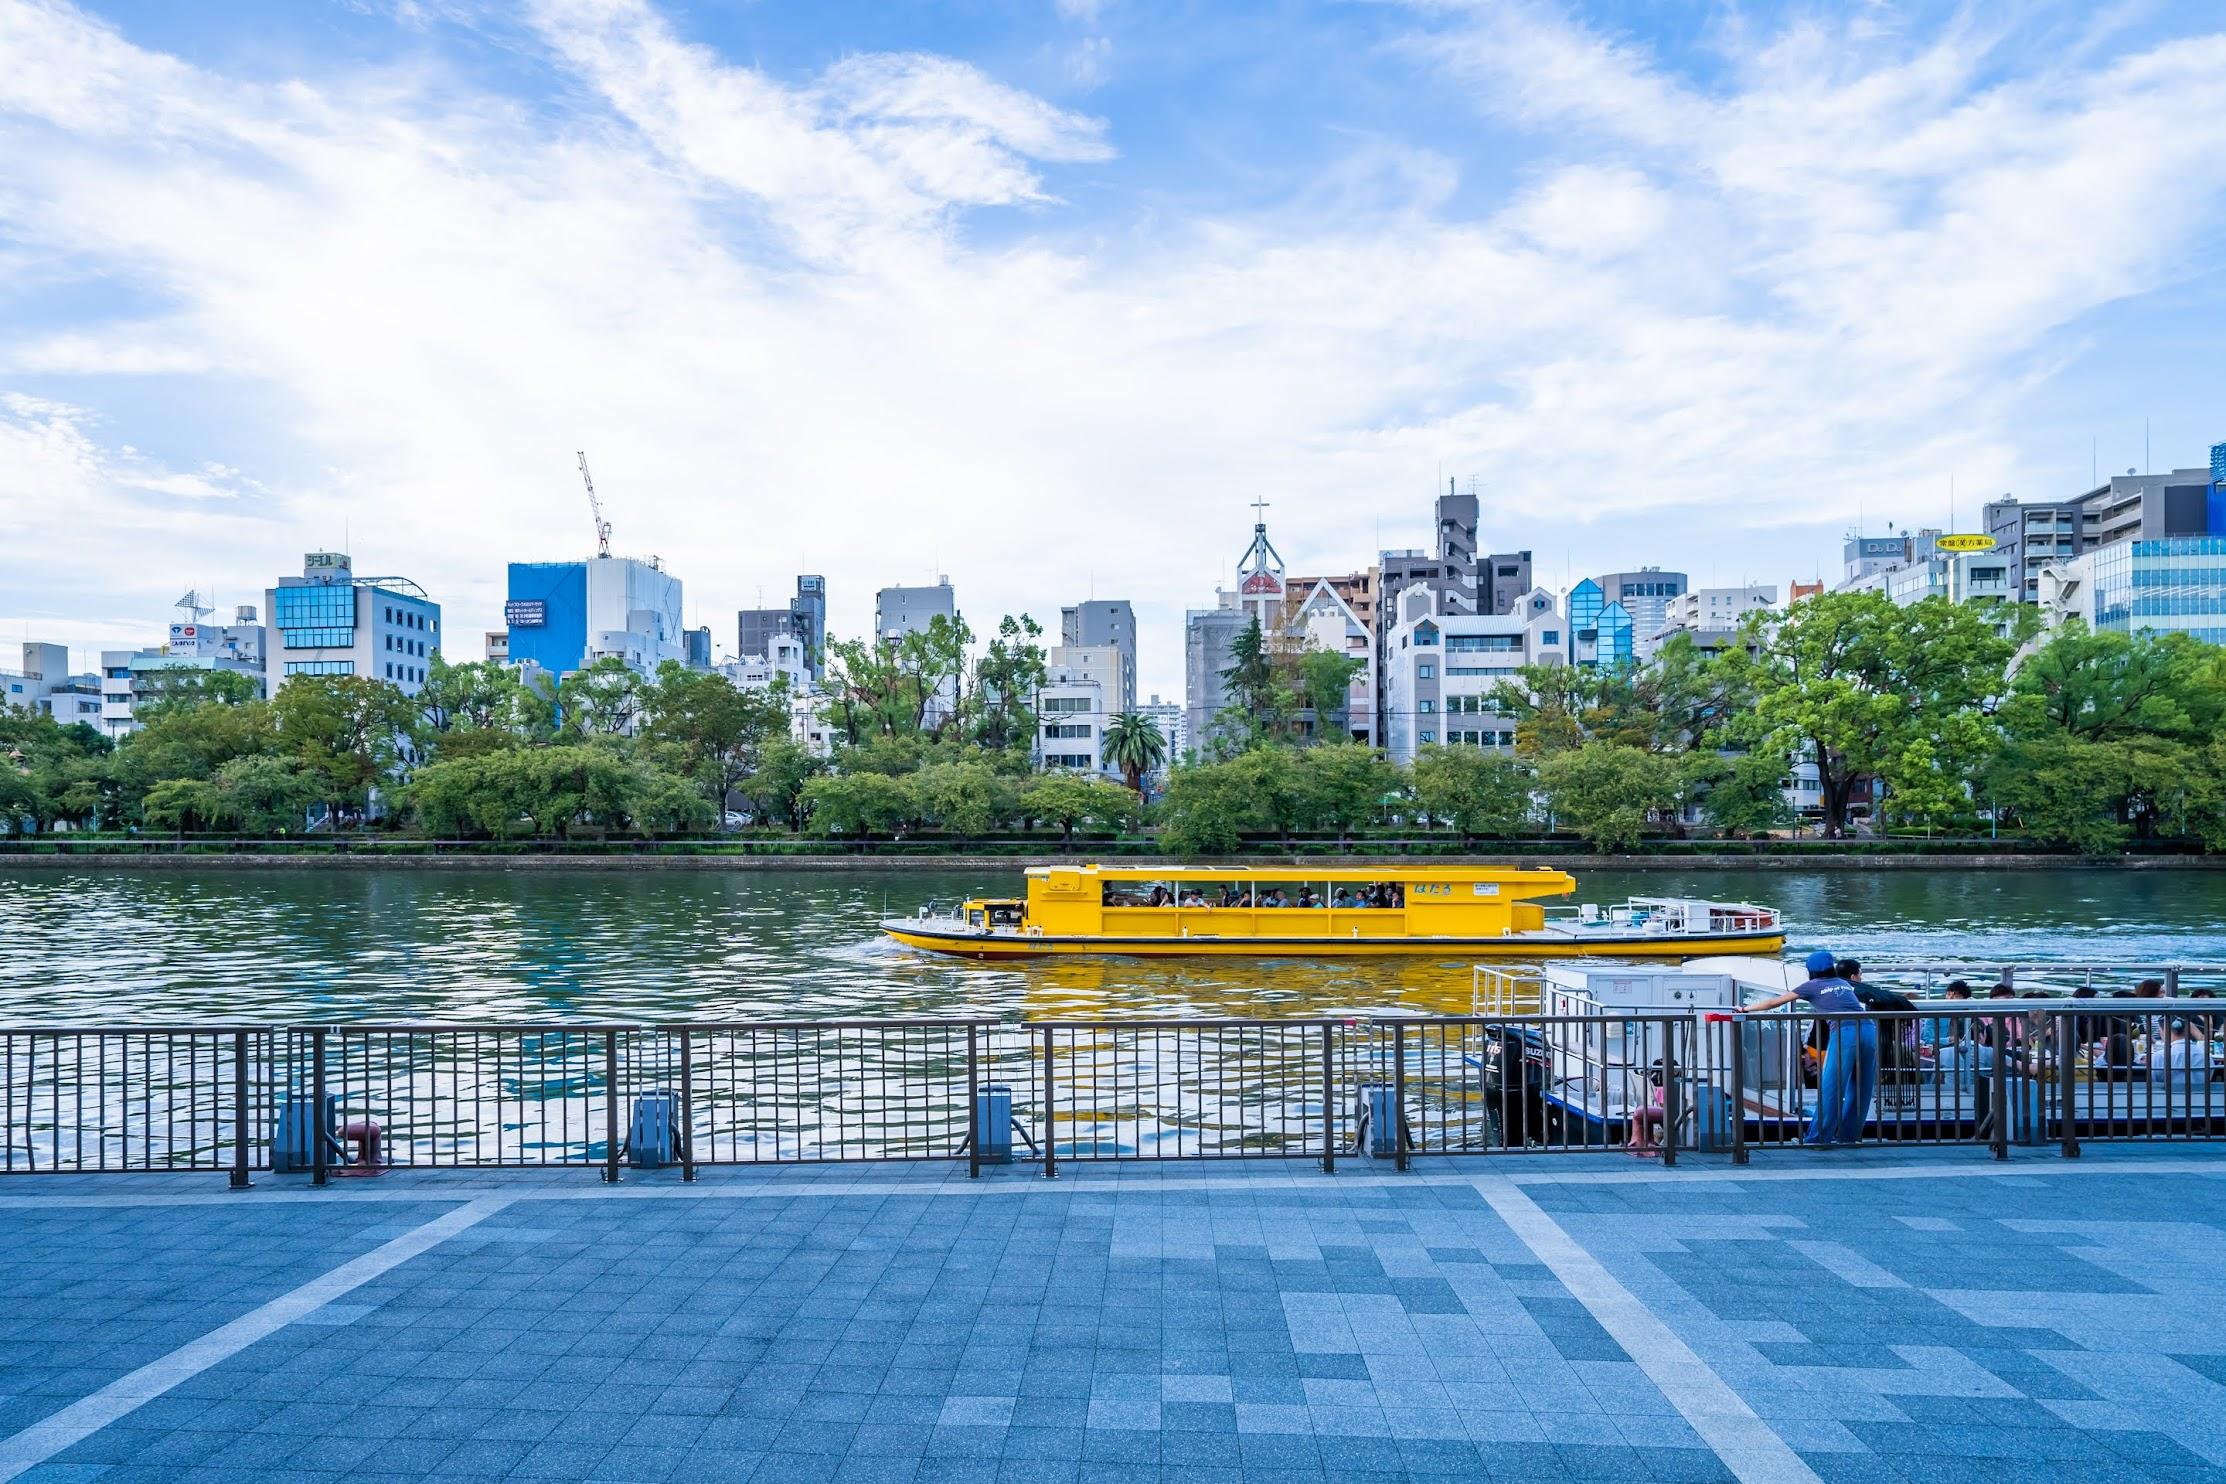 大阪 中之島 観光クルーズ 水上バス2